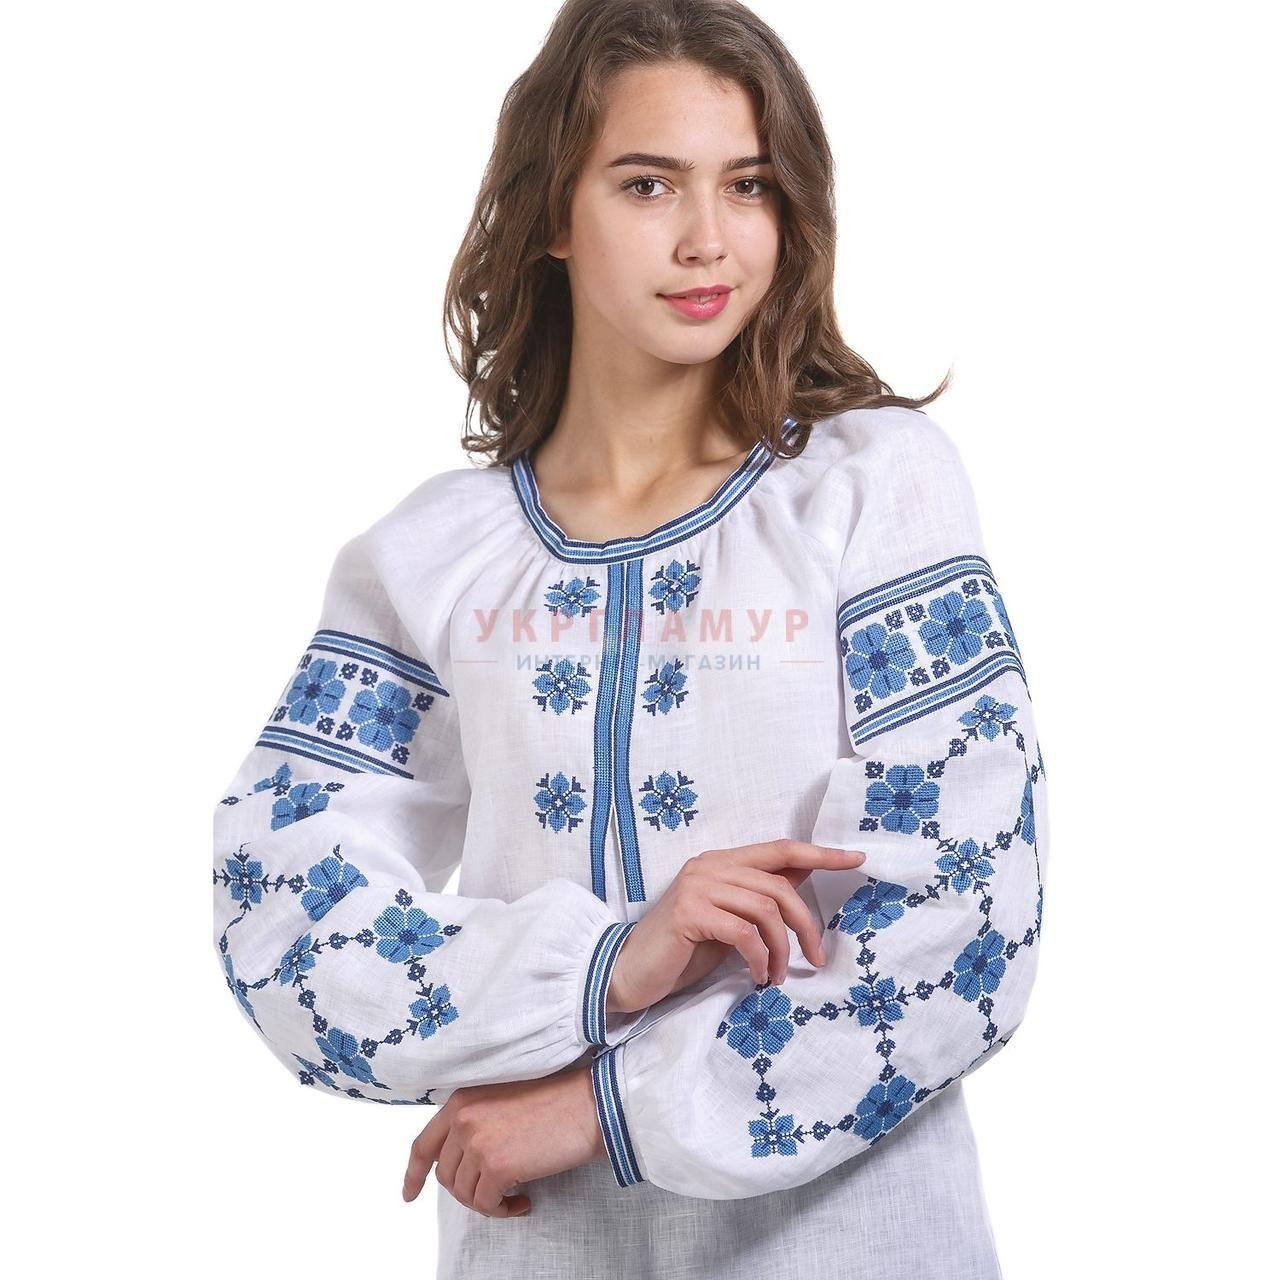 8834024f9b95b8e Купить Вышитая дизайнерская женская рубашка белая с синими цветами в Киеве,  цена, отзывы